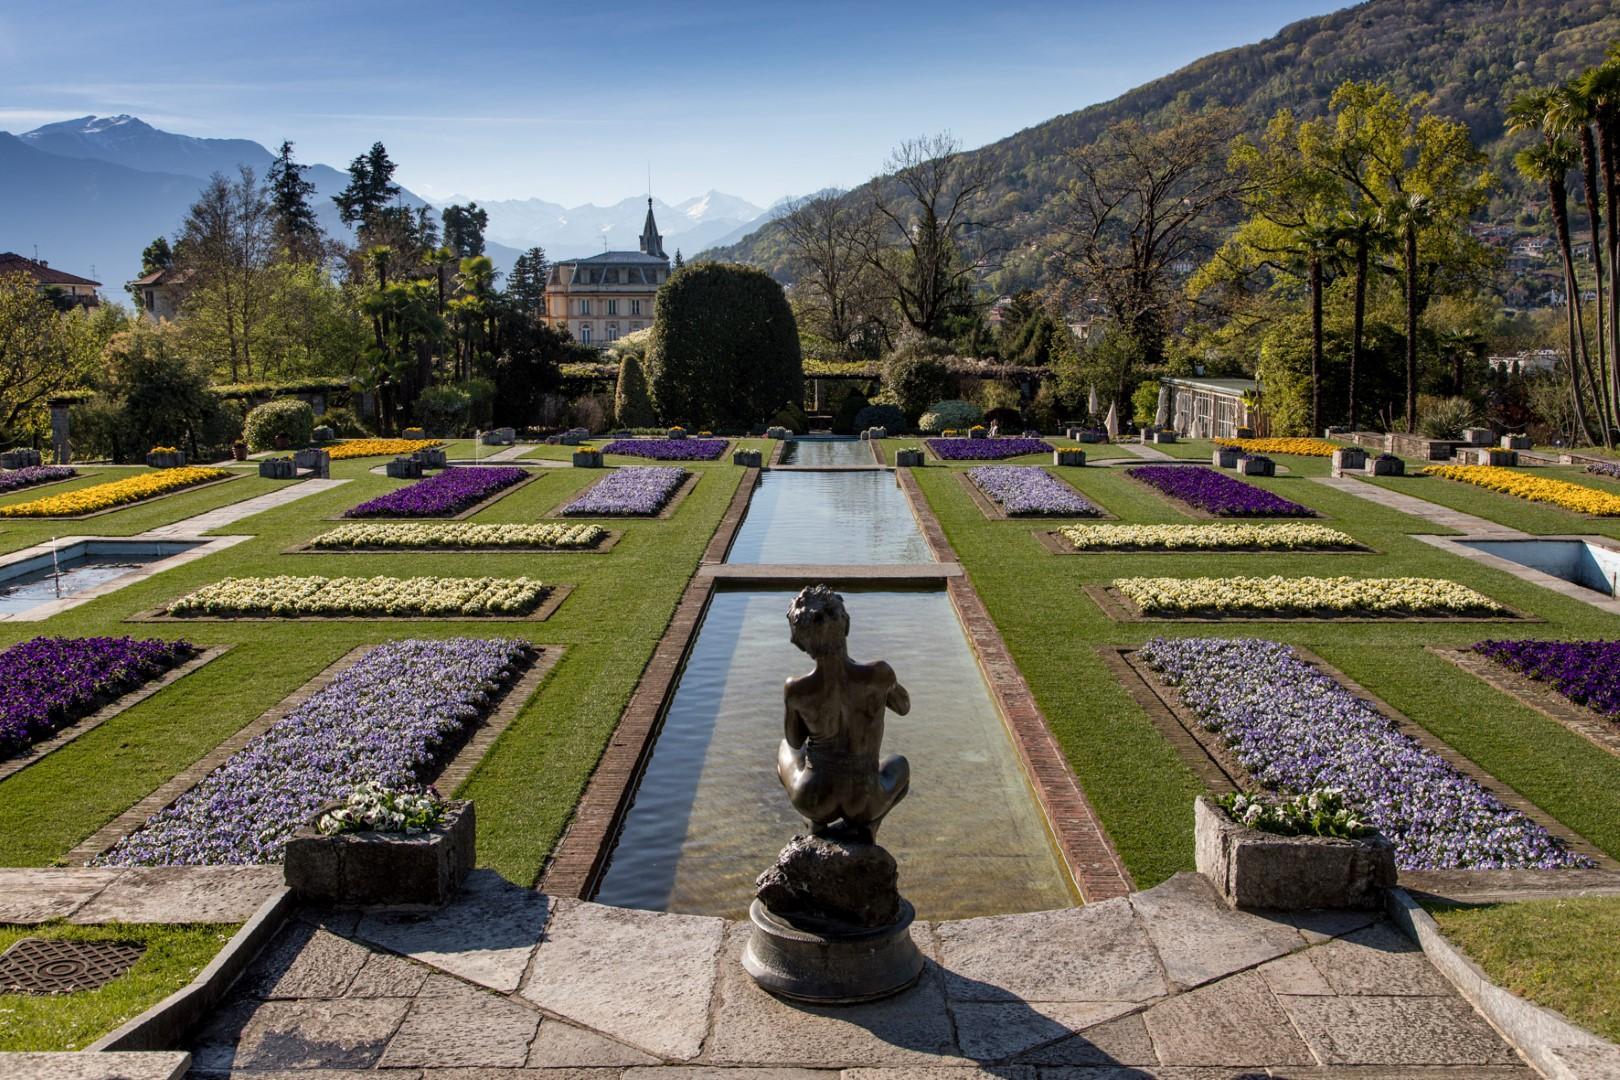 Sul lago maggiore i giardini pi belli del mondo tgcom24 for Giardini immagini